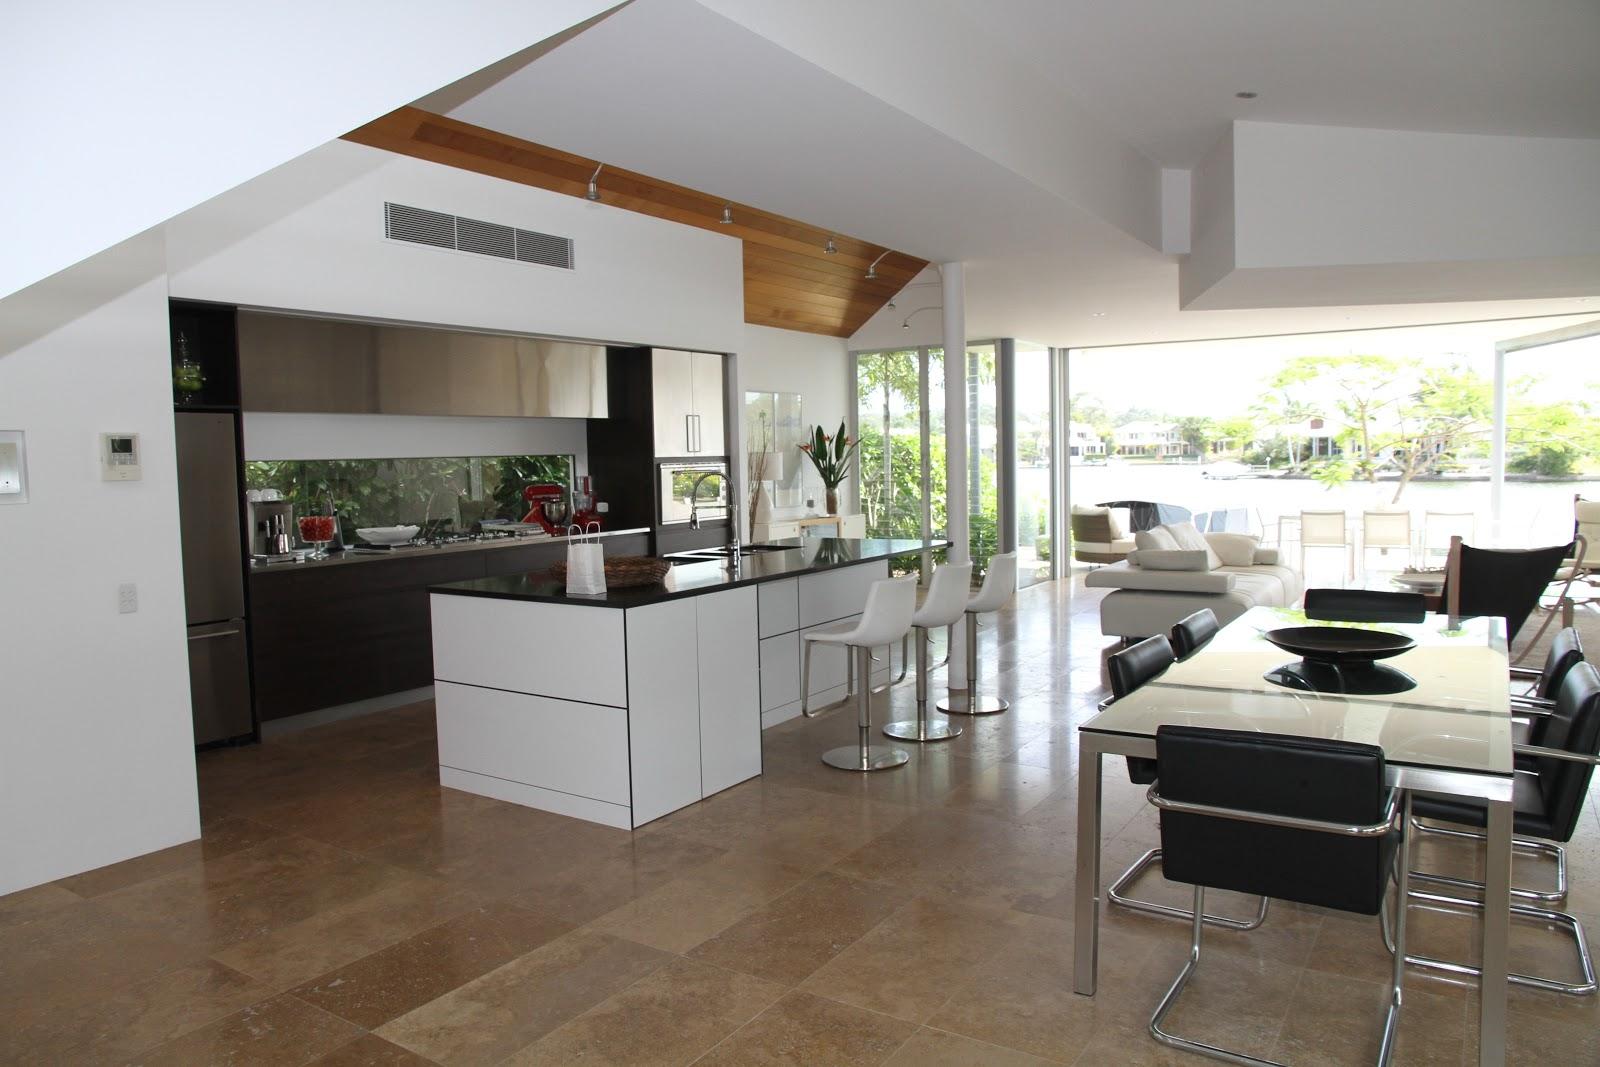 hagen homes, open concept or traditional floor plan, custom home builder